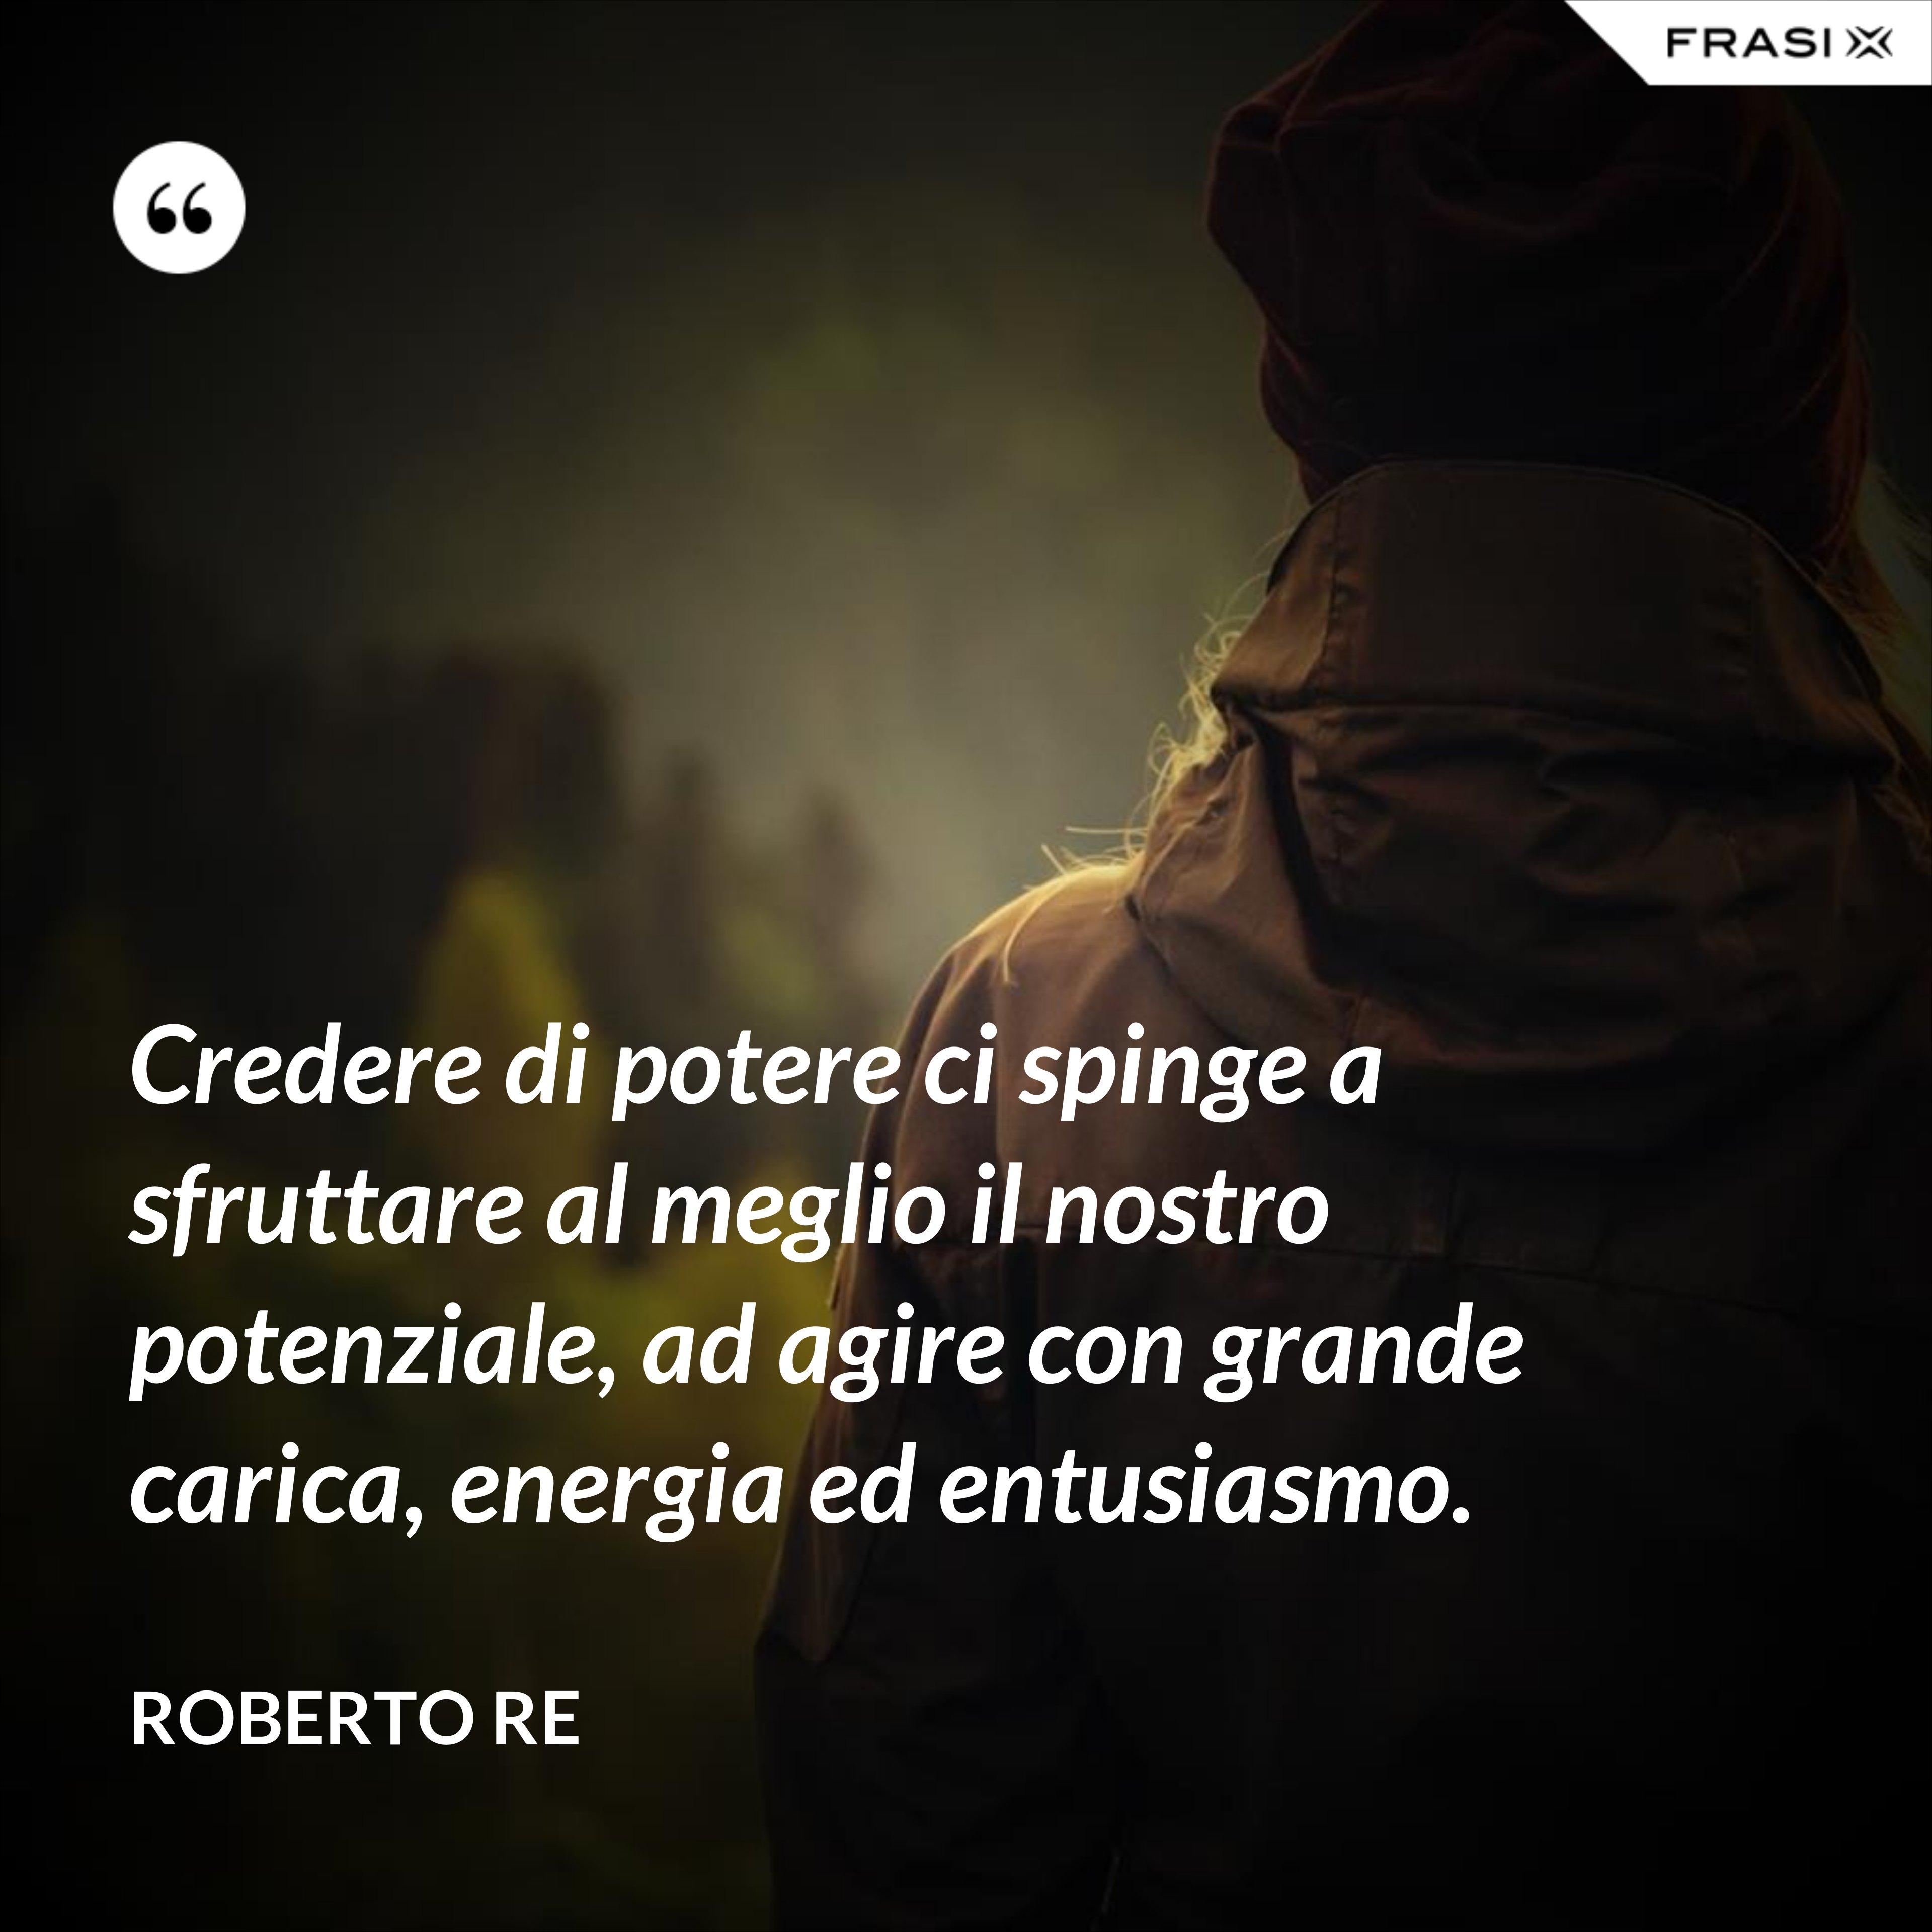 Credere di potere ci spinge a sfruttare al meglio il nostro potenziale, ad agire con grande carica, energia ed entusiasmo. - Roberto Re